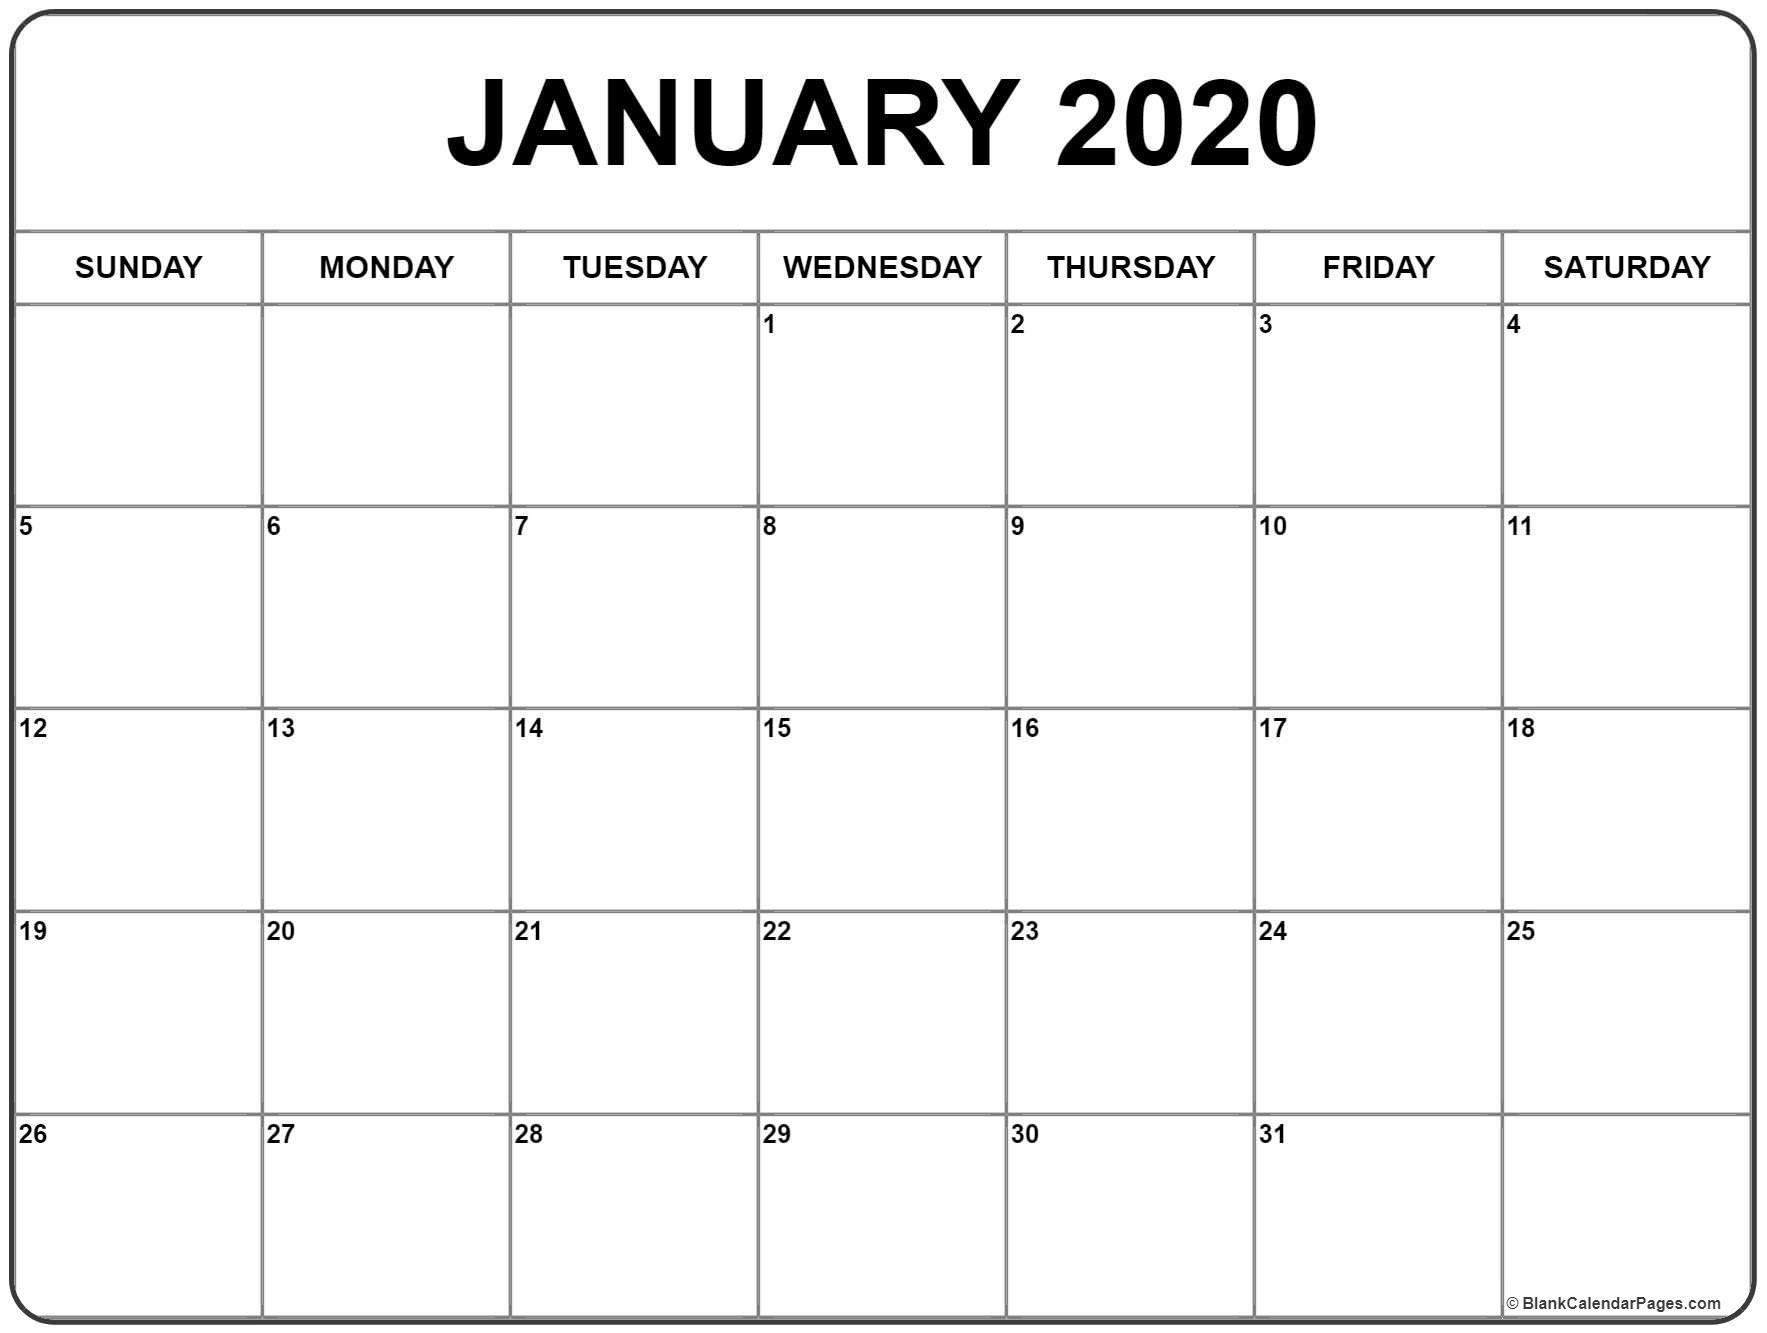 January Calendar Archives » Creative Calendar Ideas